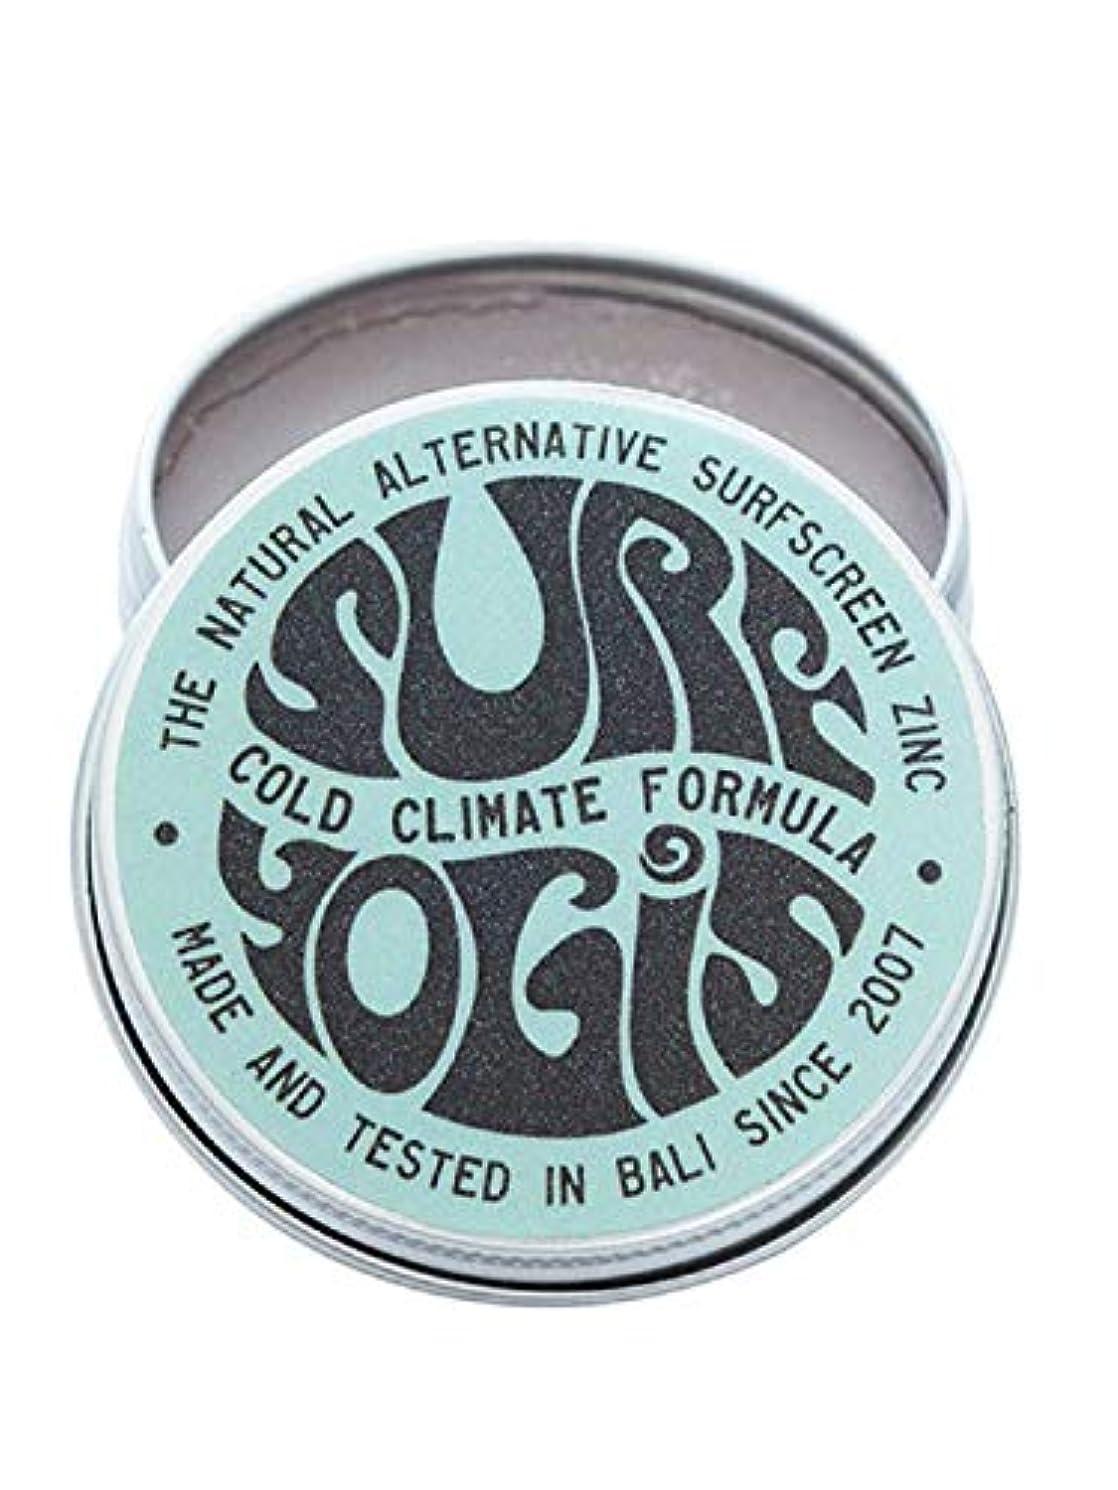 キャリアアルプス有害なSURF YOGIS(サーフヨギ) ナチュラルサーフスクリーン COLD CLIMATE FORMULA フォーミュラ 冬用 柔らかめ 日焼け止め オーガニック素材 60g SPF50 ノンケミカル